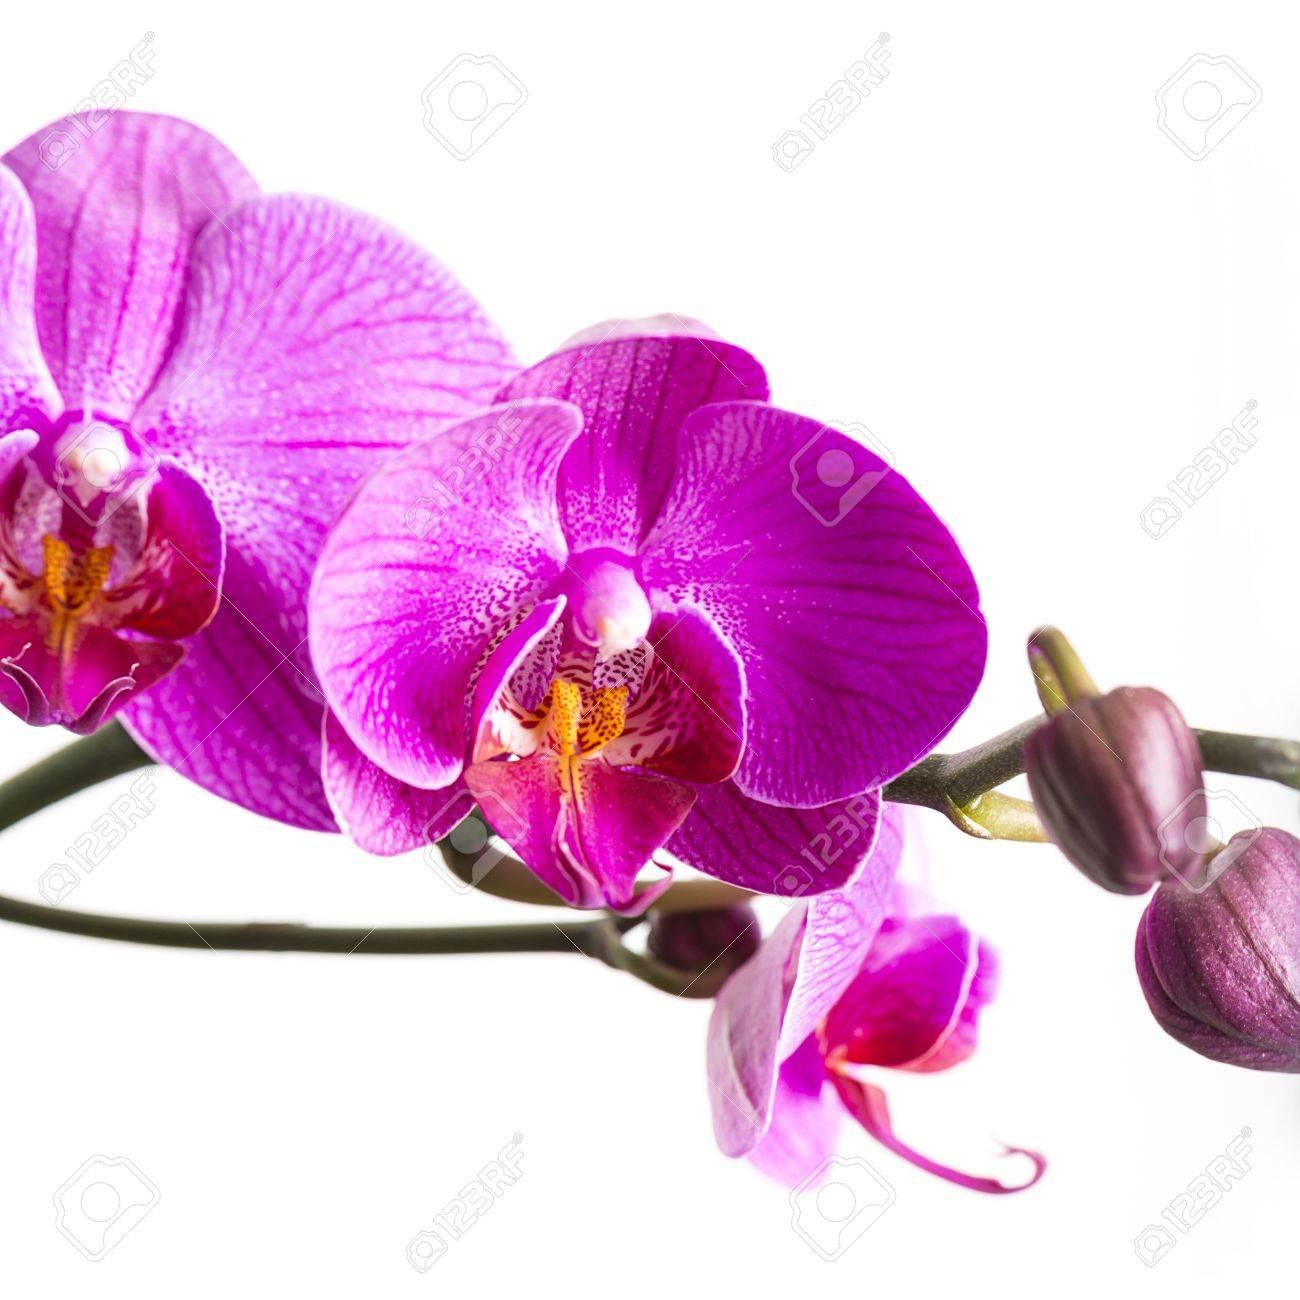 Rosa Weiße Orchidee Blume, Flora, Knospen Zimmer Blumenschmuck Blume  Valentinstag Geschenk Standard Bild